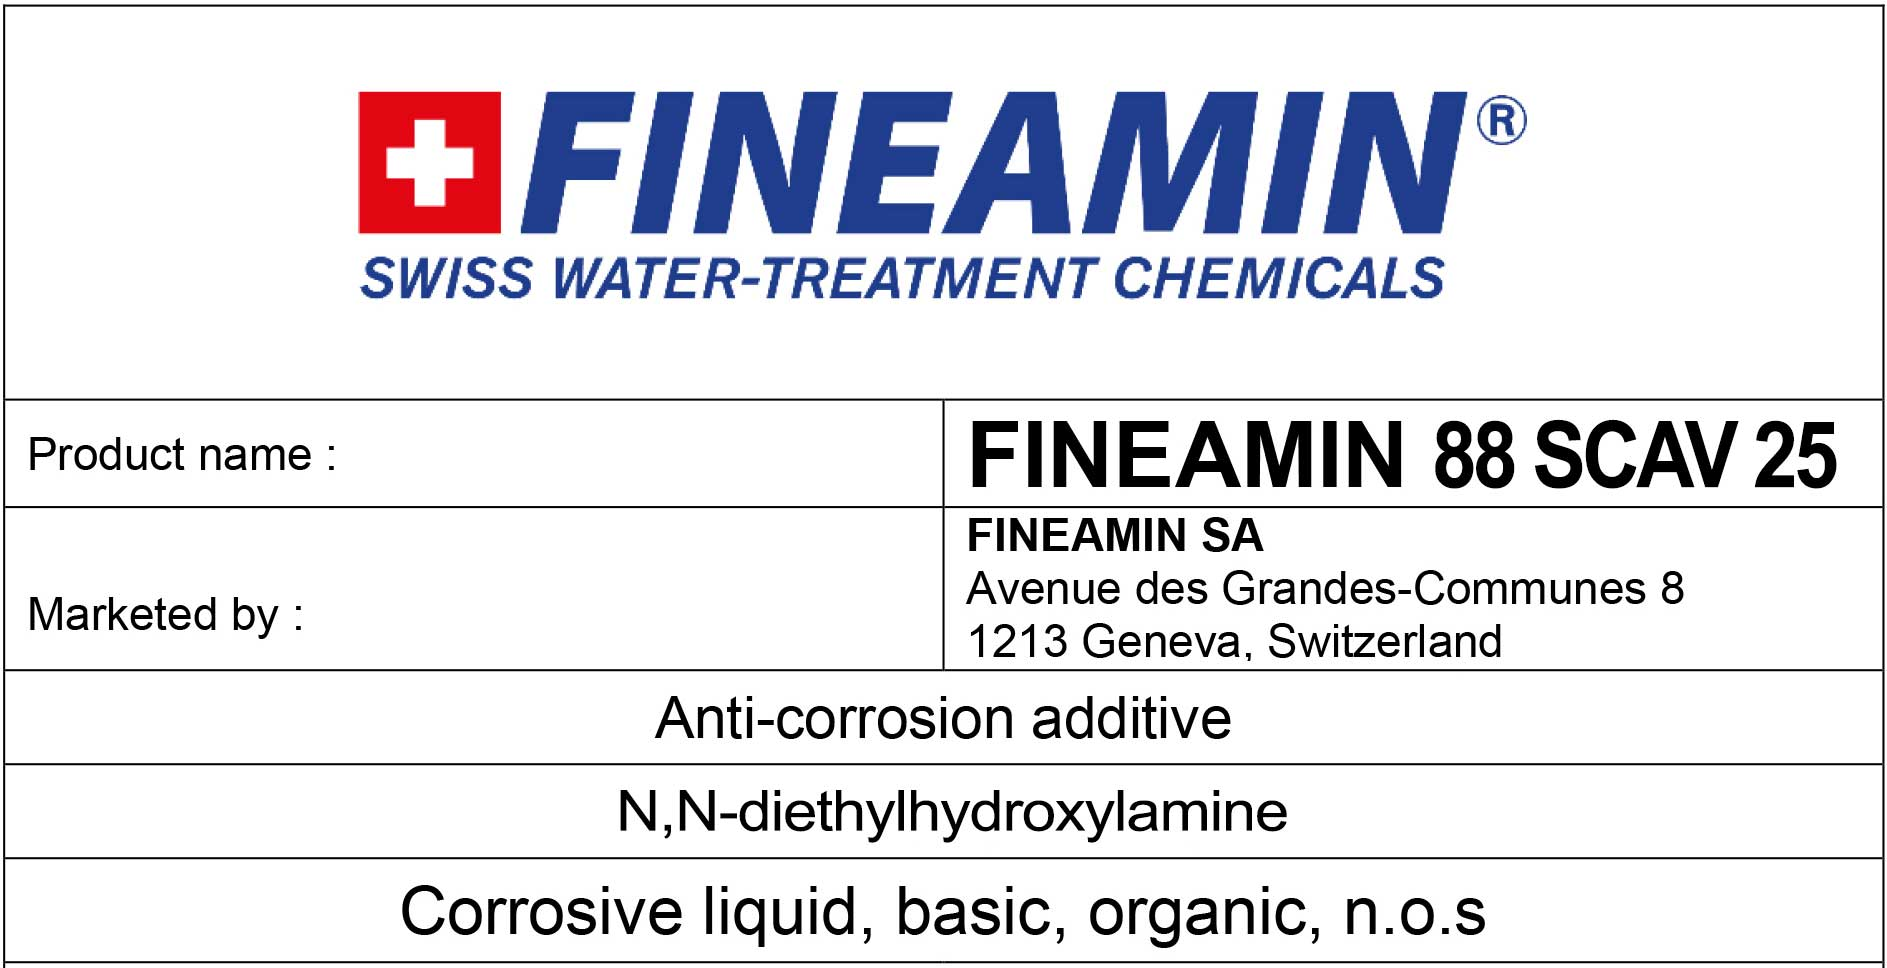 fineamin-88-scav-25-hydrazine-replacement